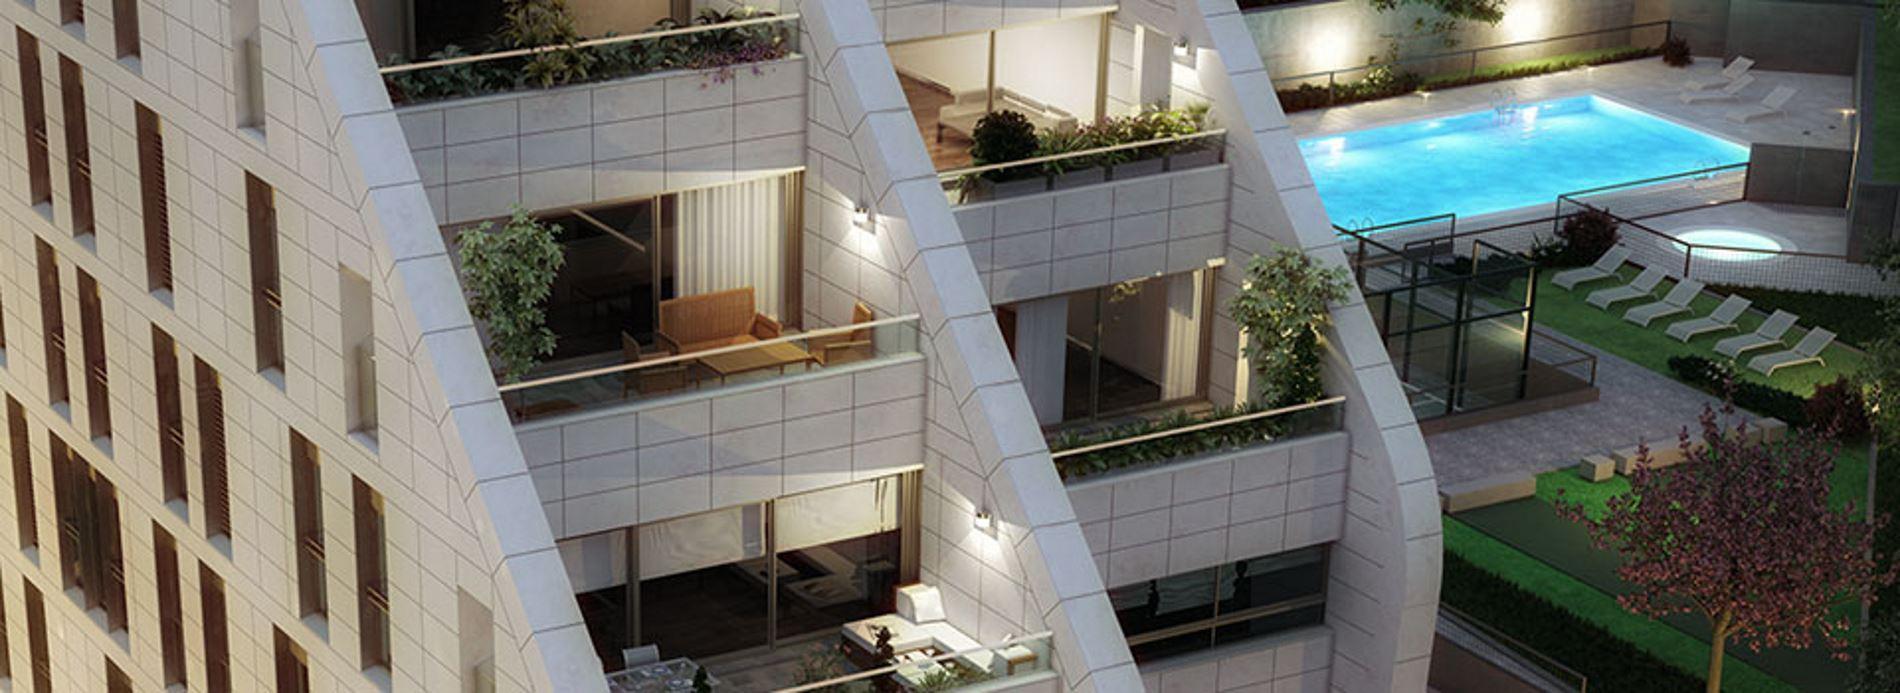 Residencial puerta de hierro viviendas de obra nueva for Piso obra nueva madrid